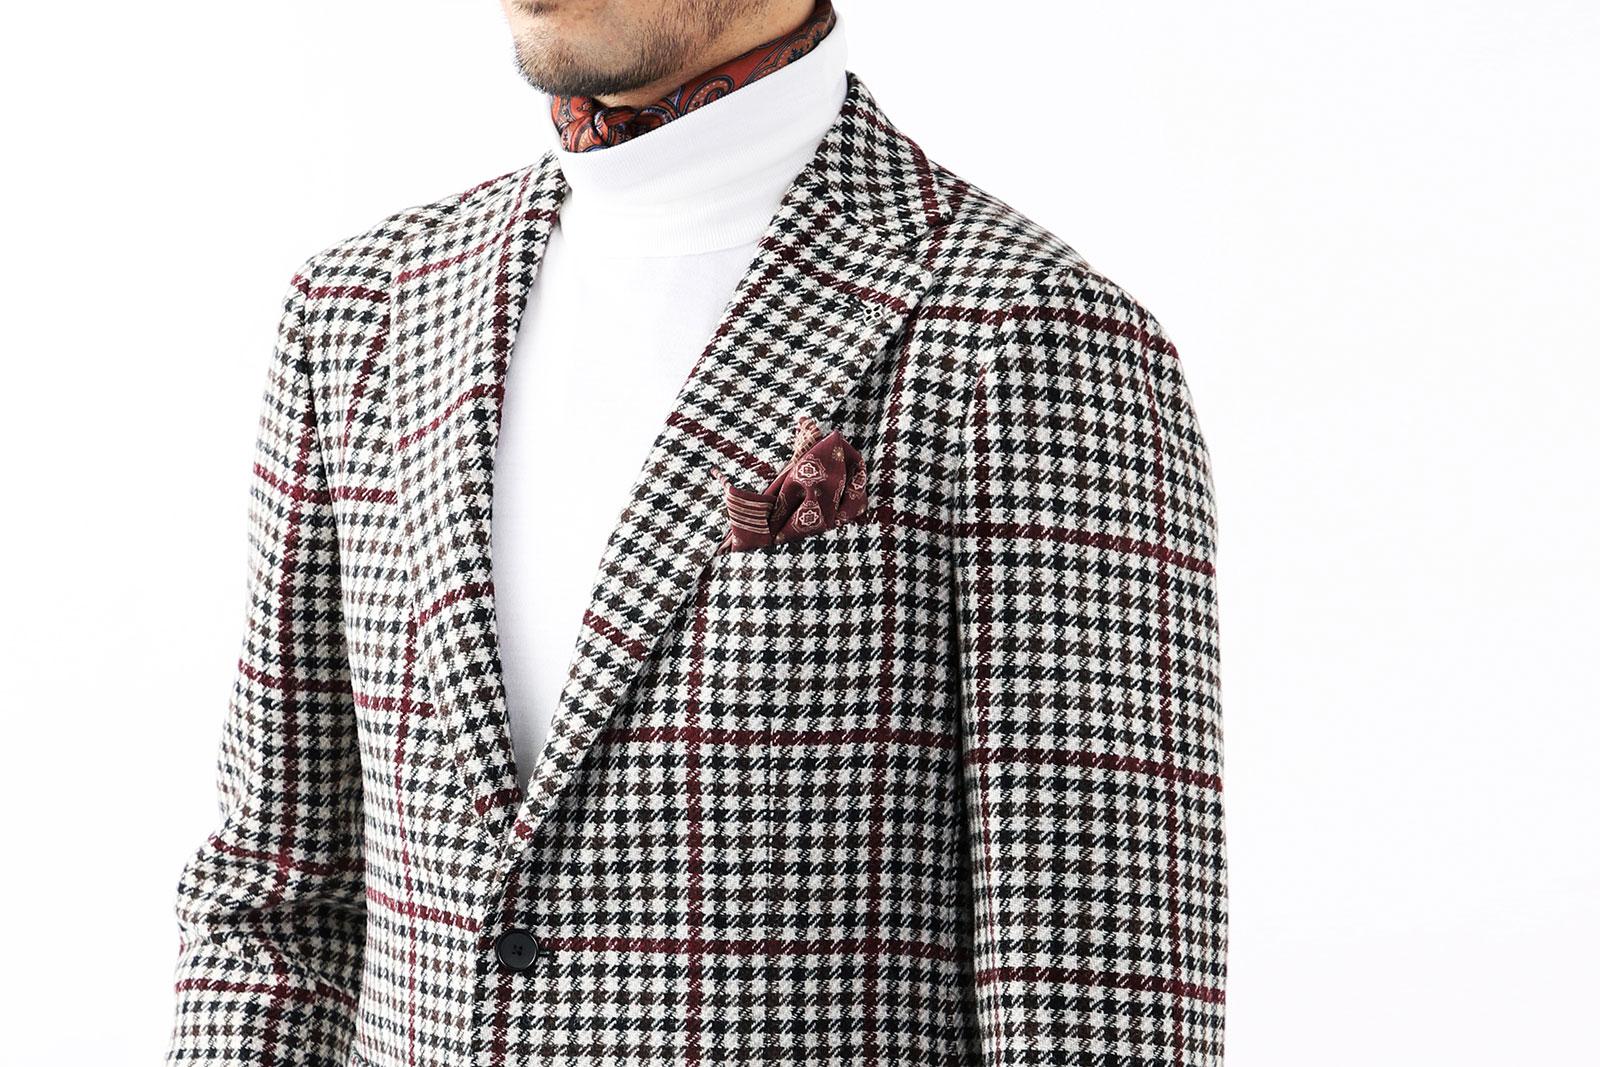 ポケットチーフはジャケットから色を拾ってみよう